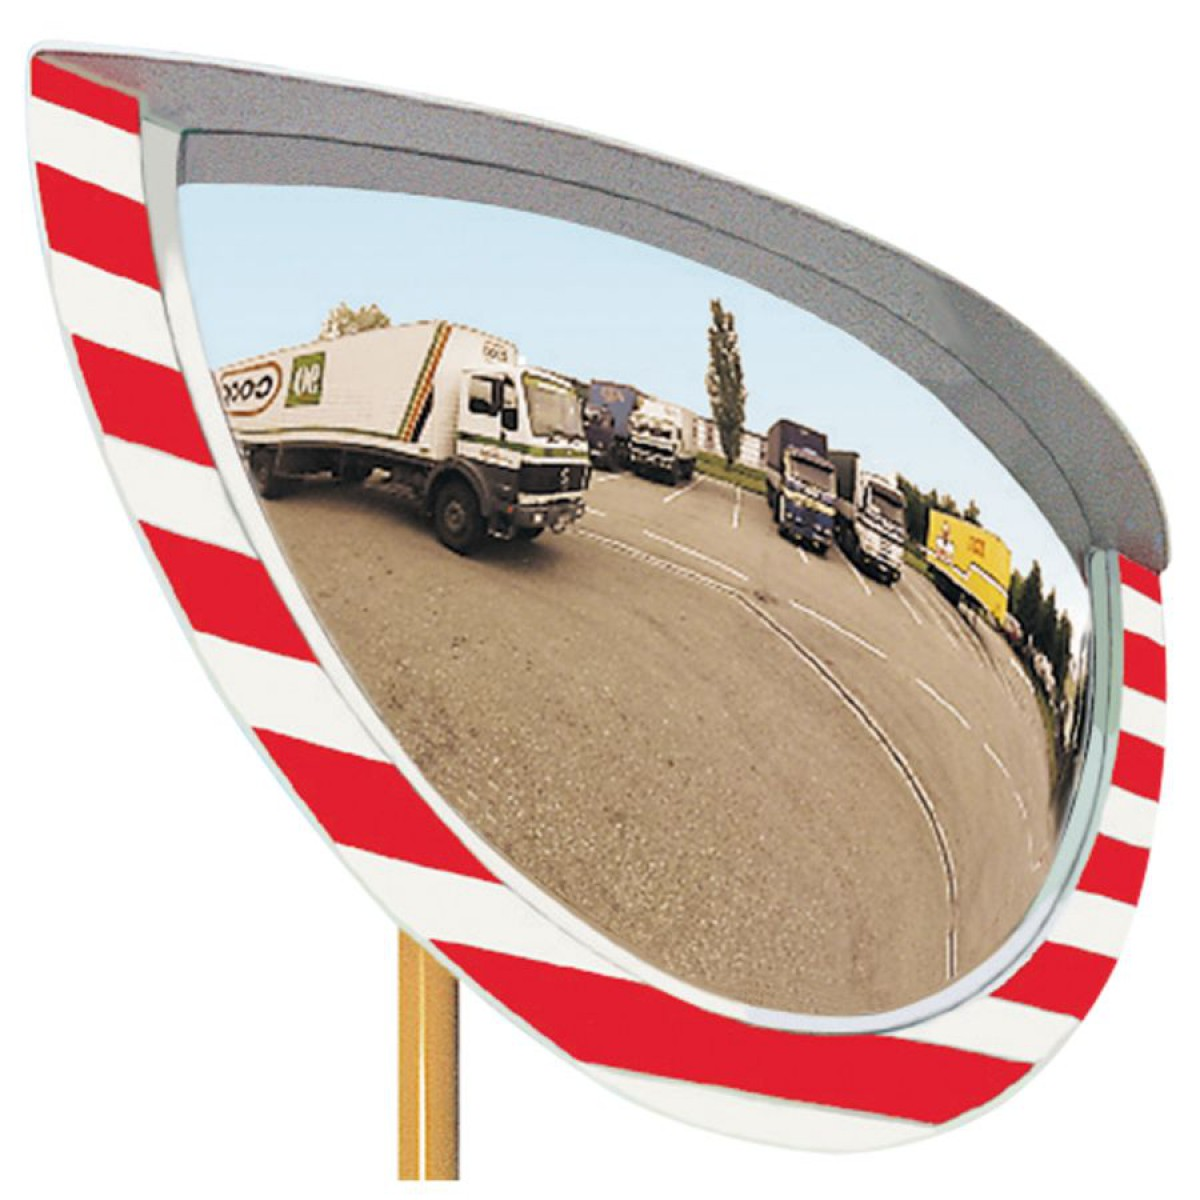 Miroir industrie int rieur ext rieur 900 x 500 mm hse center for Miroir industrie